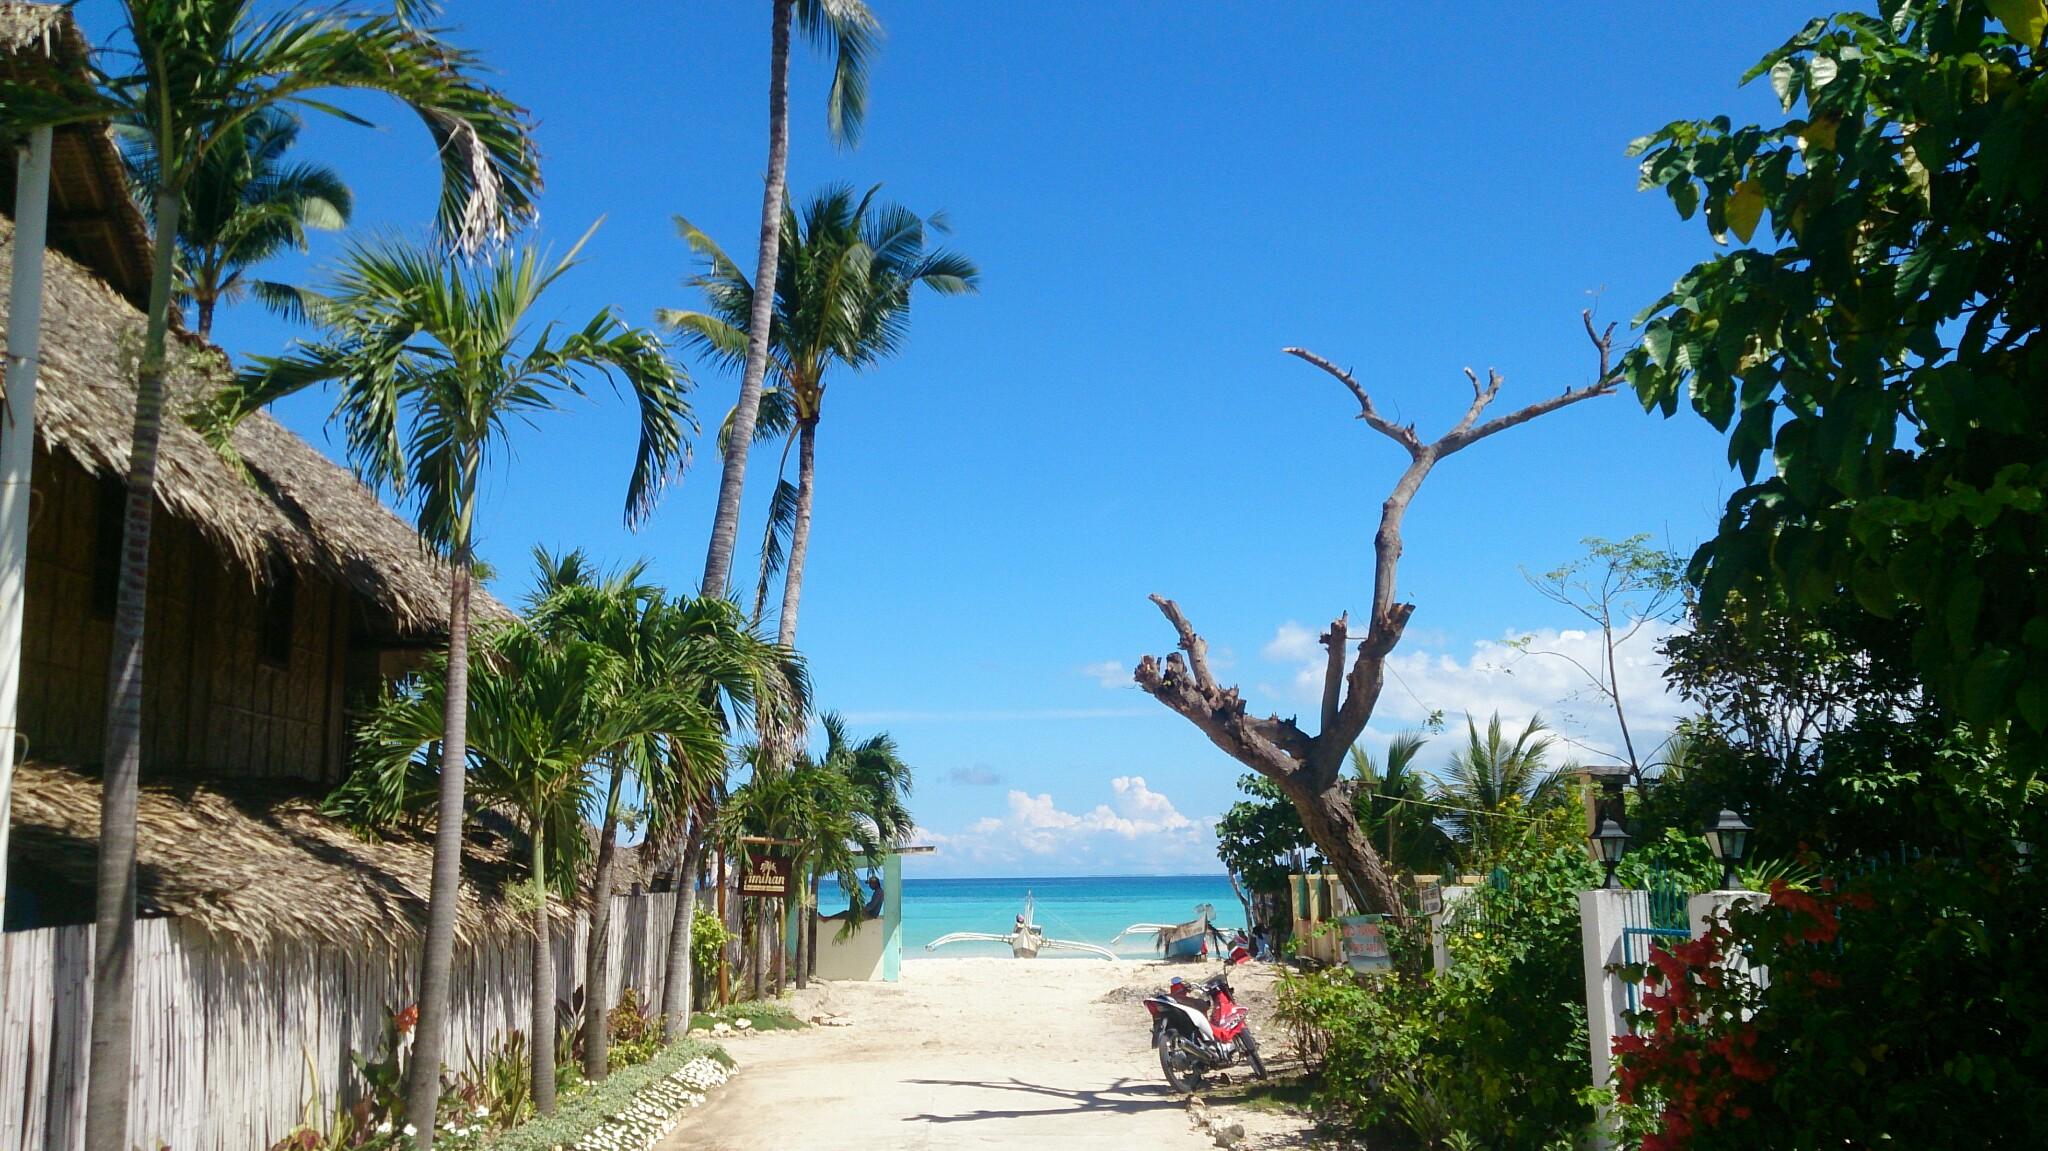 Situacija u Santa Fe - otok Bantayan, Filipini